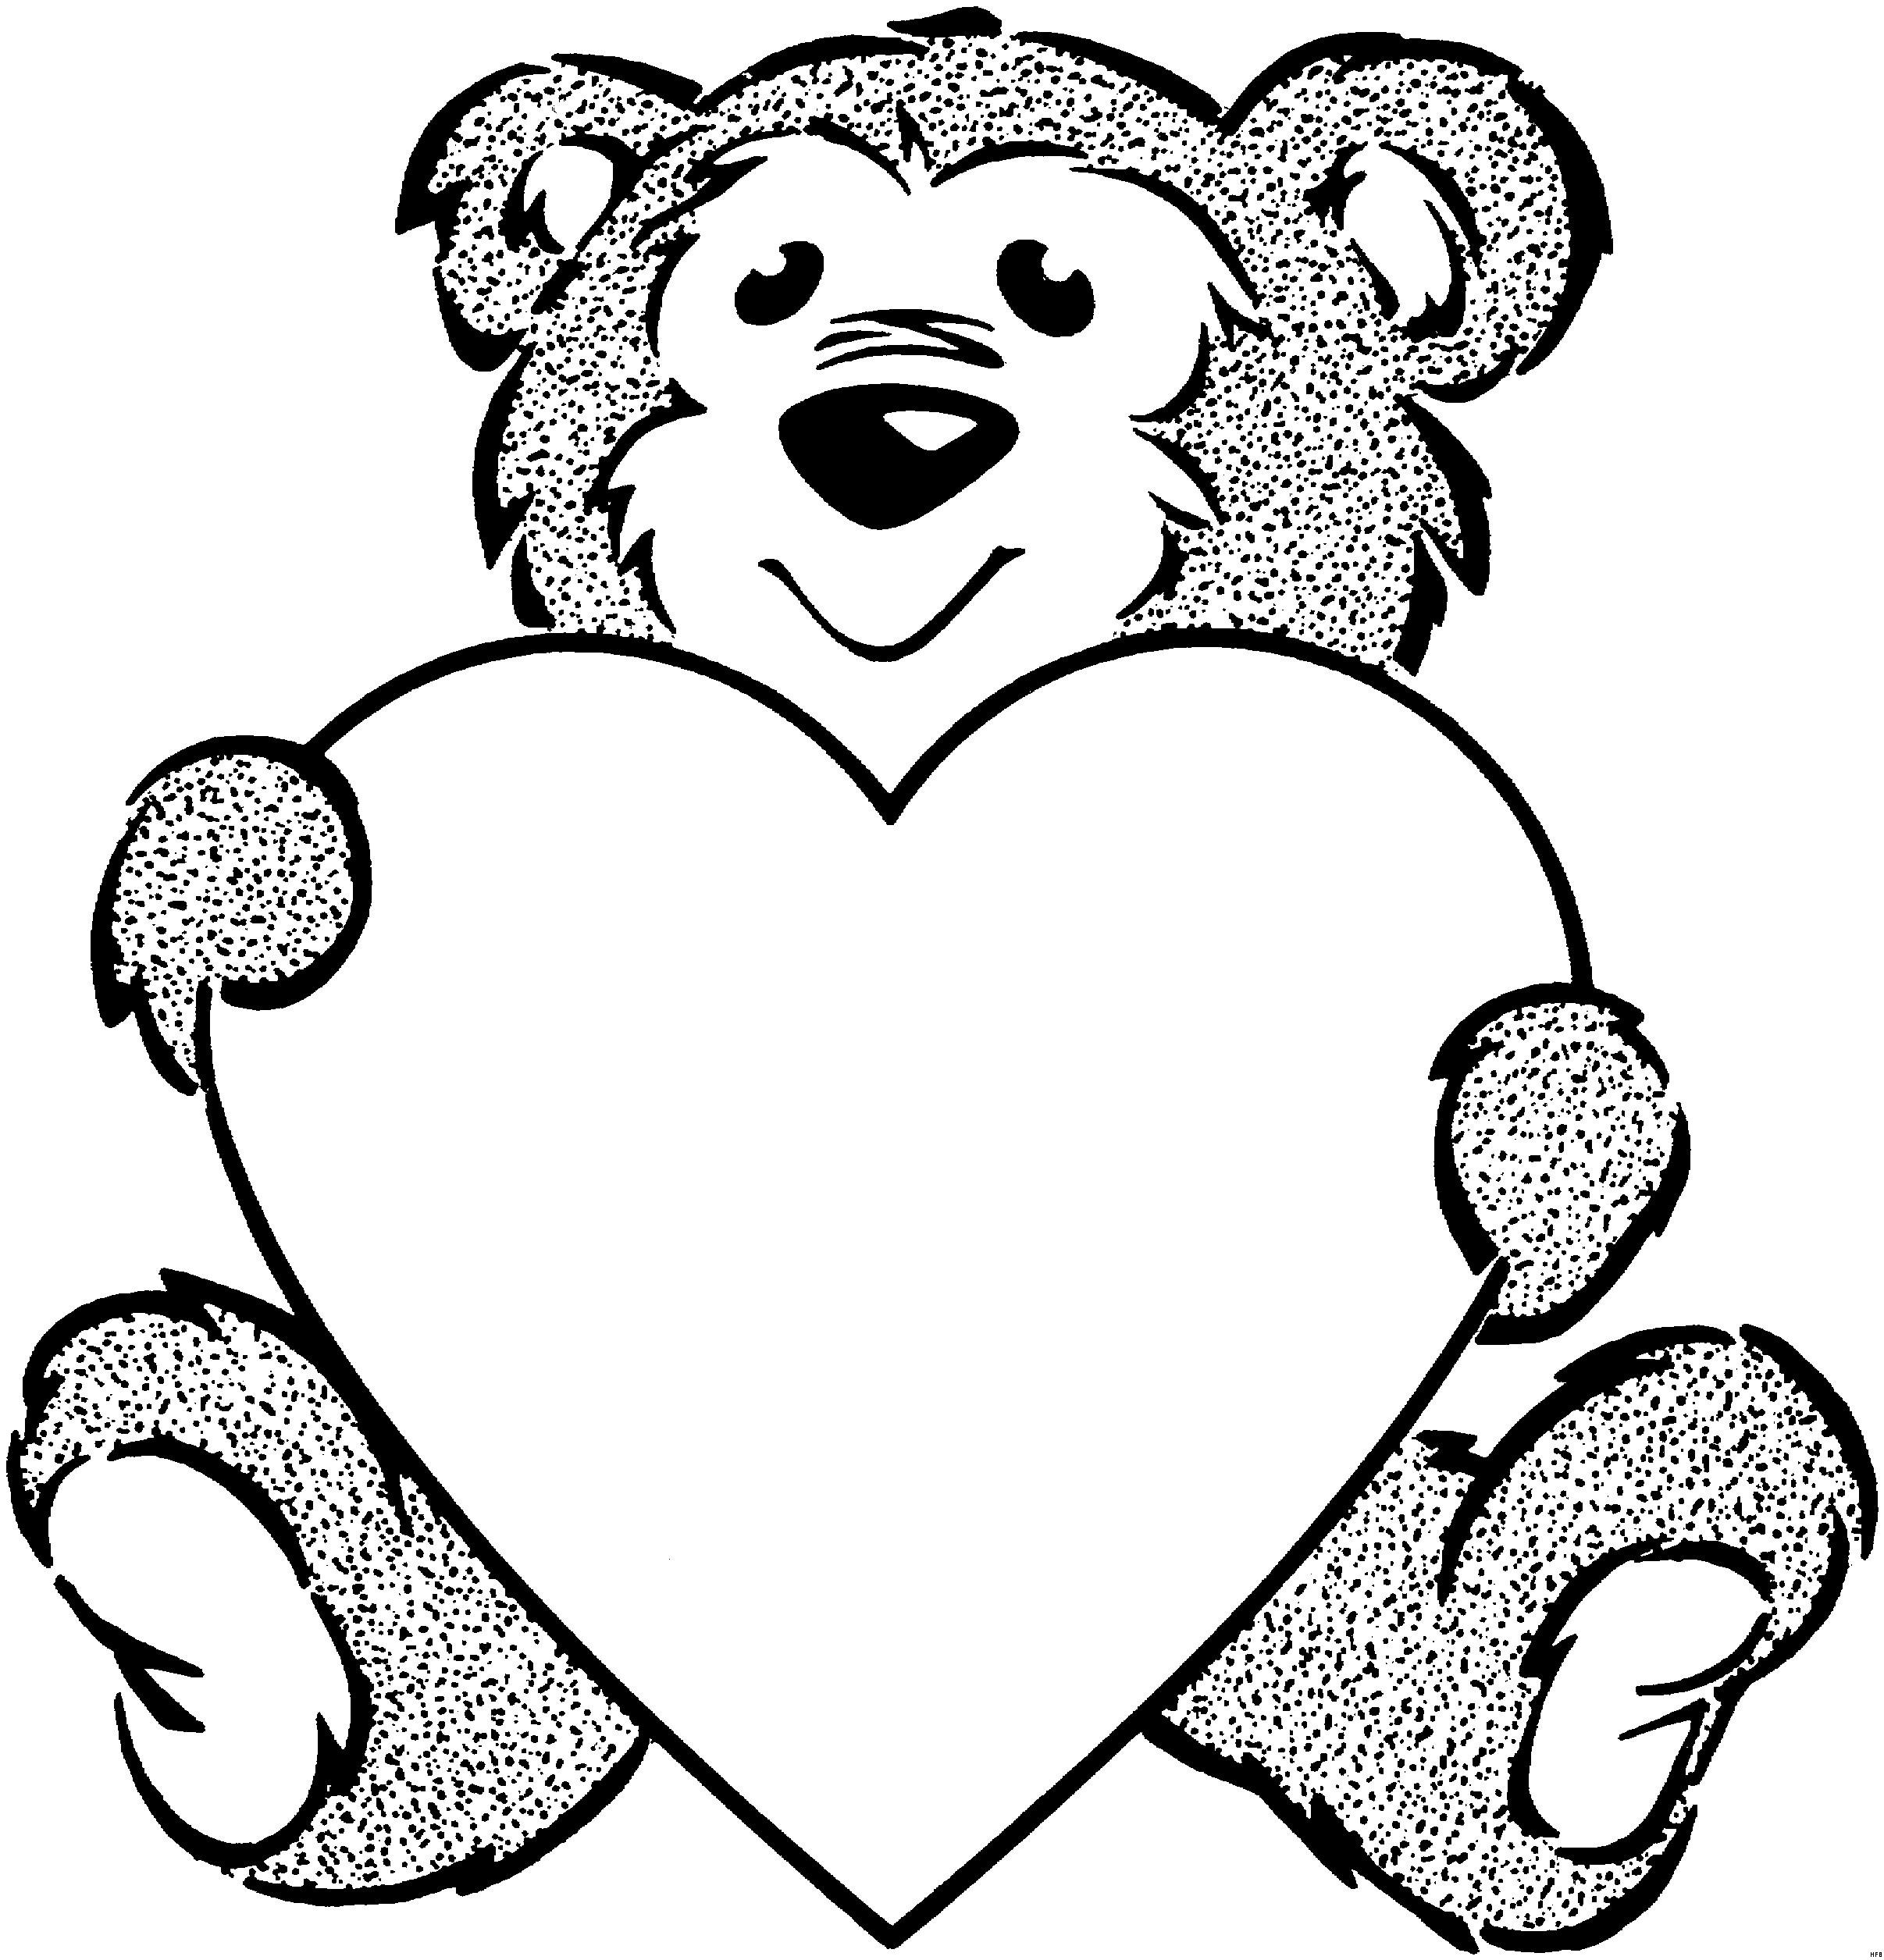 Herz Zum Ausmalen Genial 45 Schön Herz Ausmalbilder Mickeycarrollmunchkin Das Bild